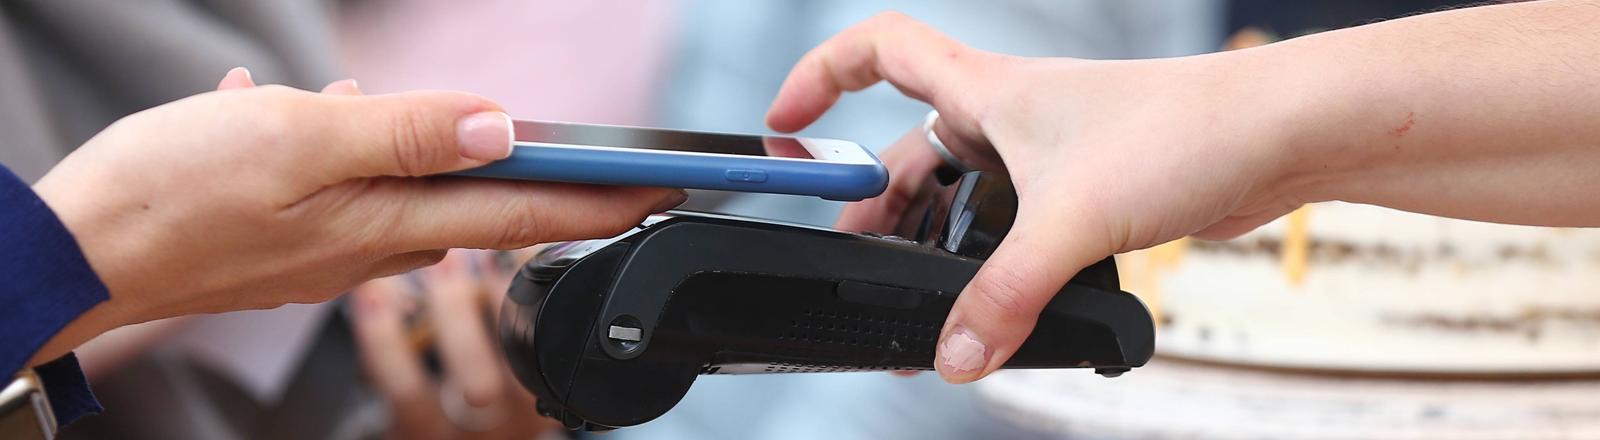 Ein Smartphone wird über ein Kartenlesegerät gehalten